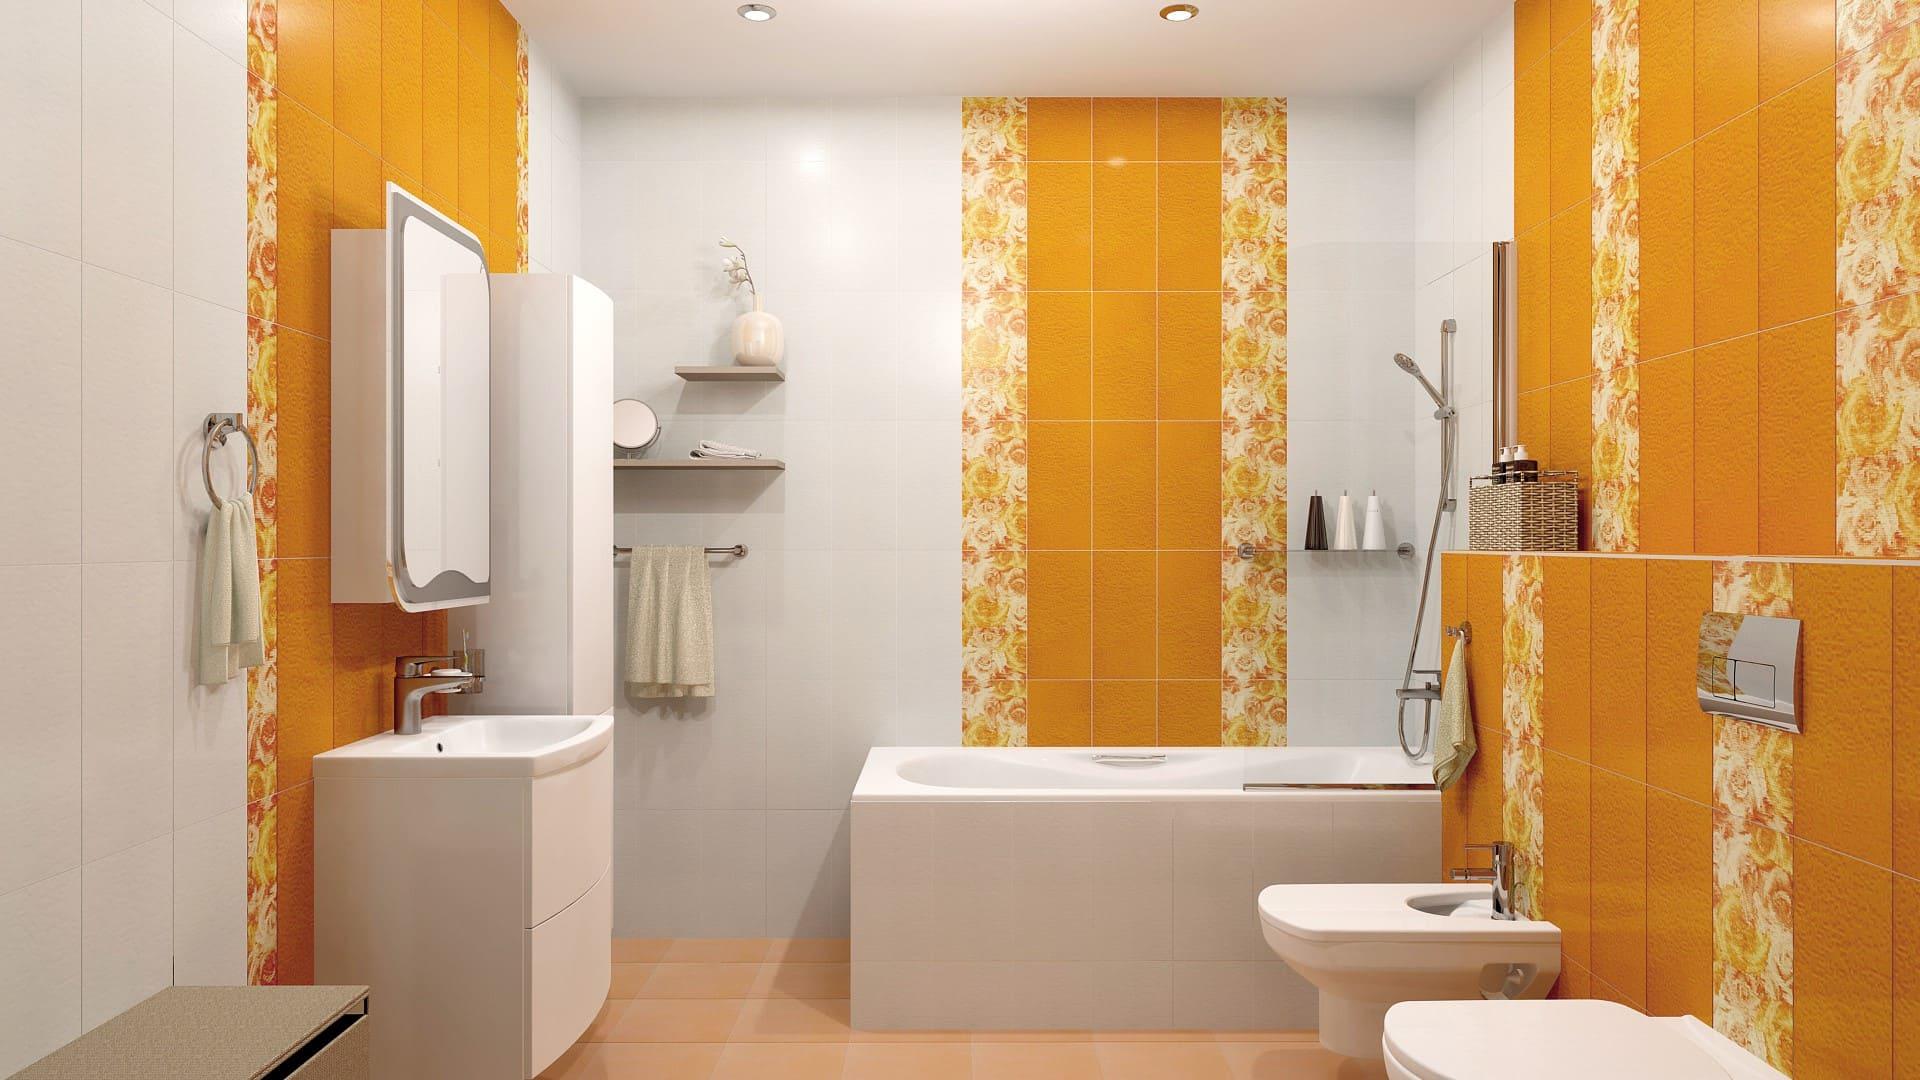 фьюжн плитка в интерьере ванной комнаты